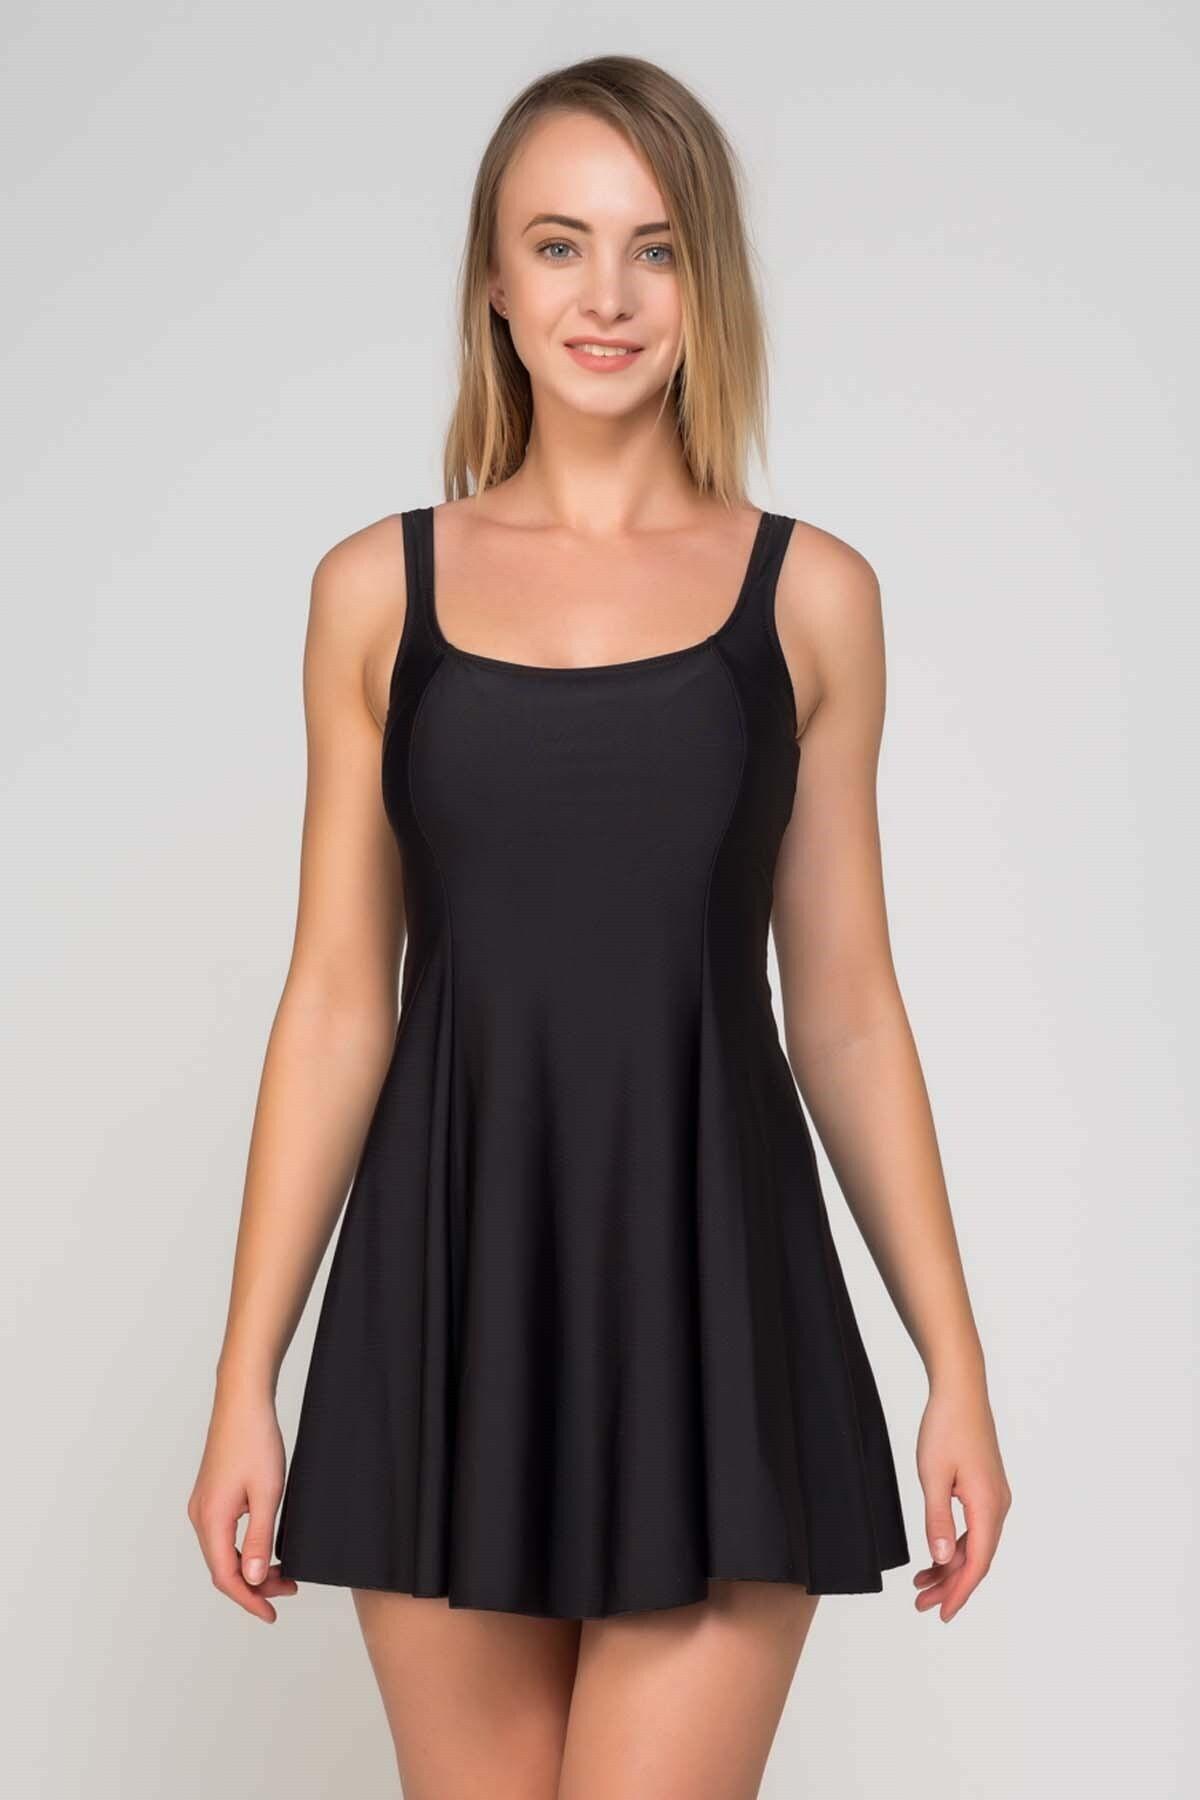 CAMASIRCITY Kadın Siyah Elbise Mayo 1